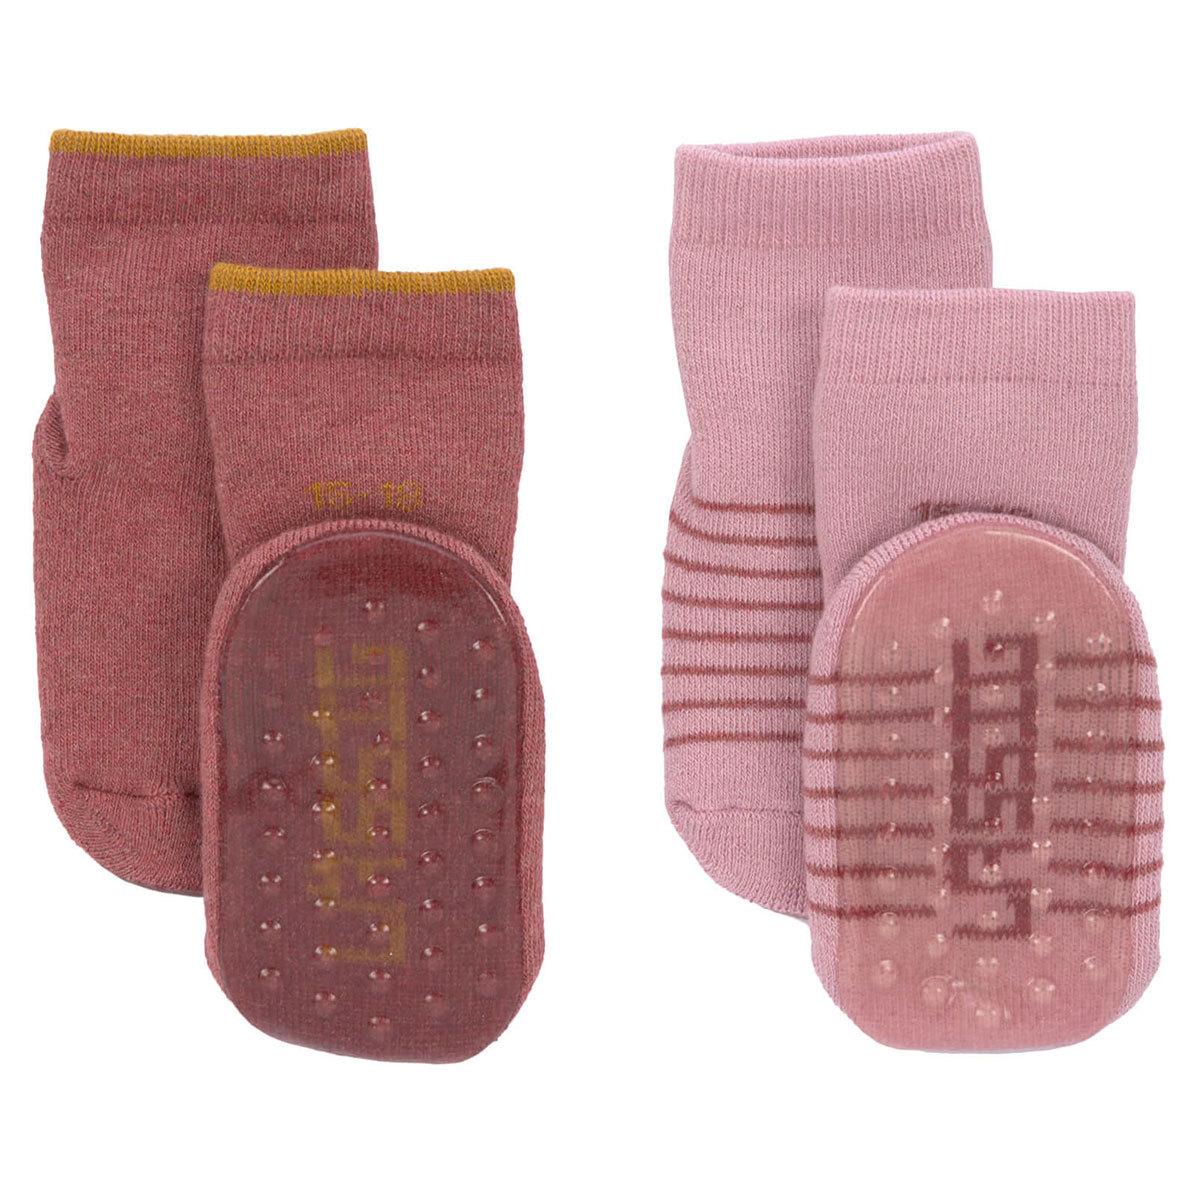 Accessoires bébé Lot de 2 Chaussettes Antidérapantes Rose - 19/22